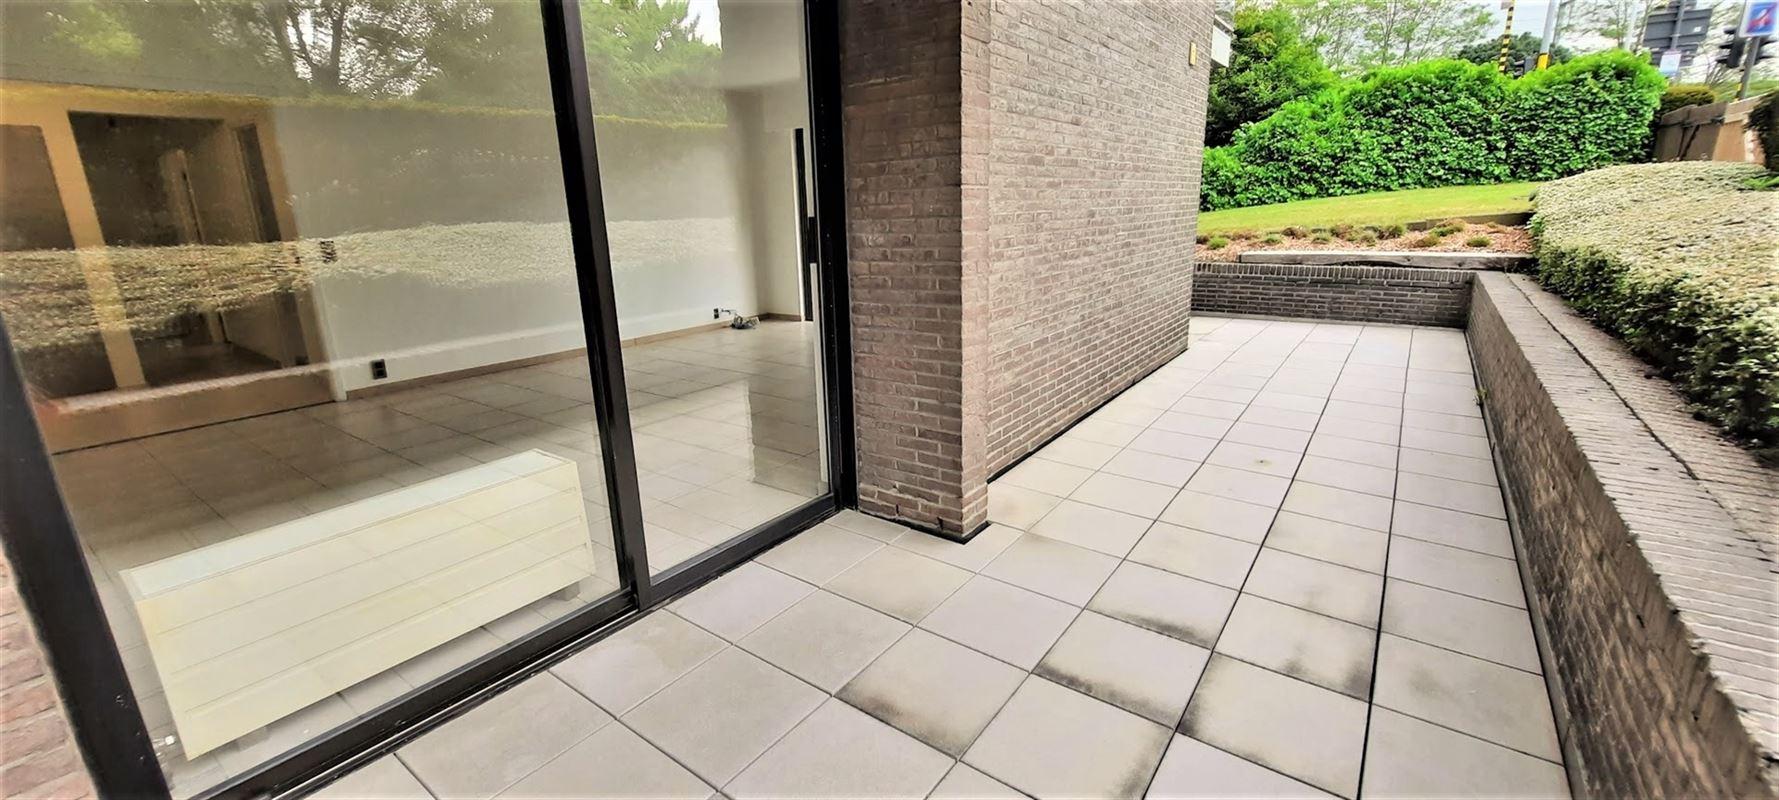 Foto 2 : Appartement te 2800 MECHELEN (België) - Prijs € 775